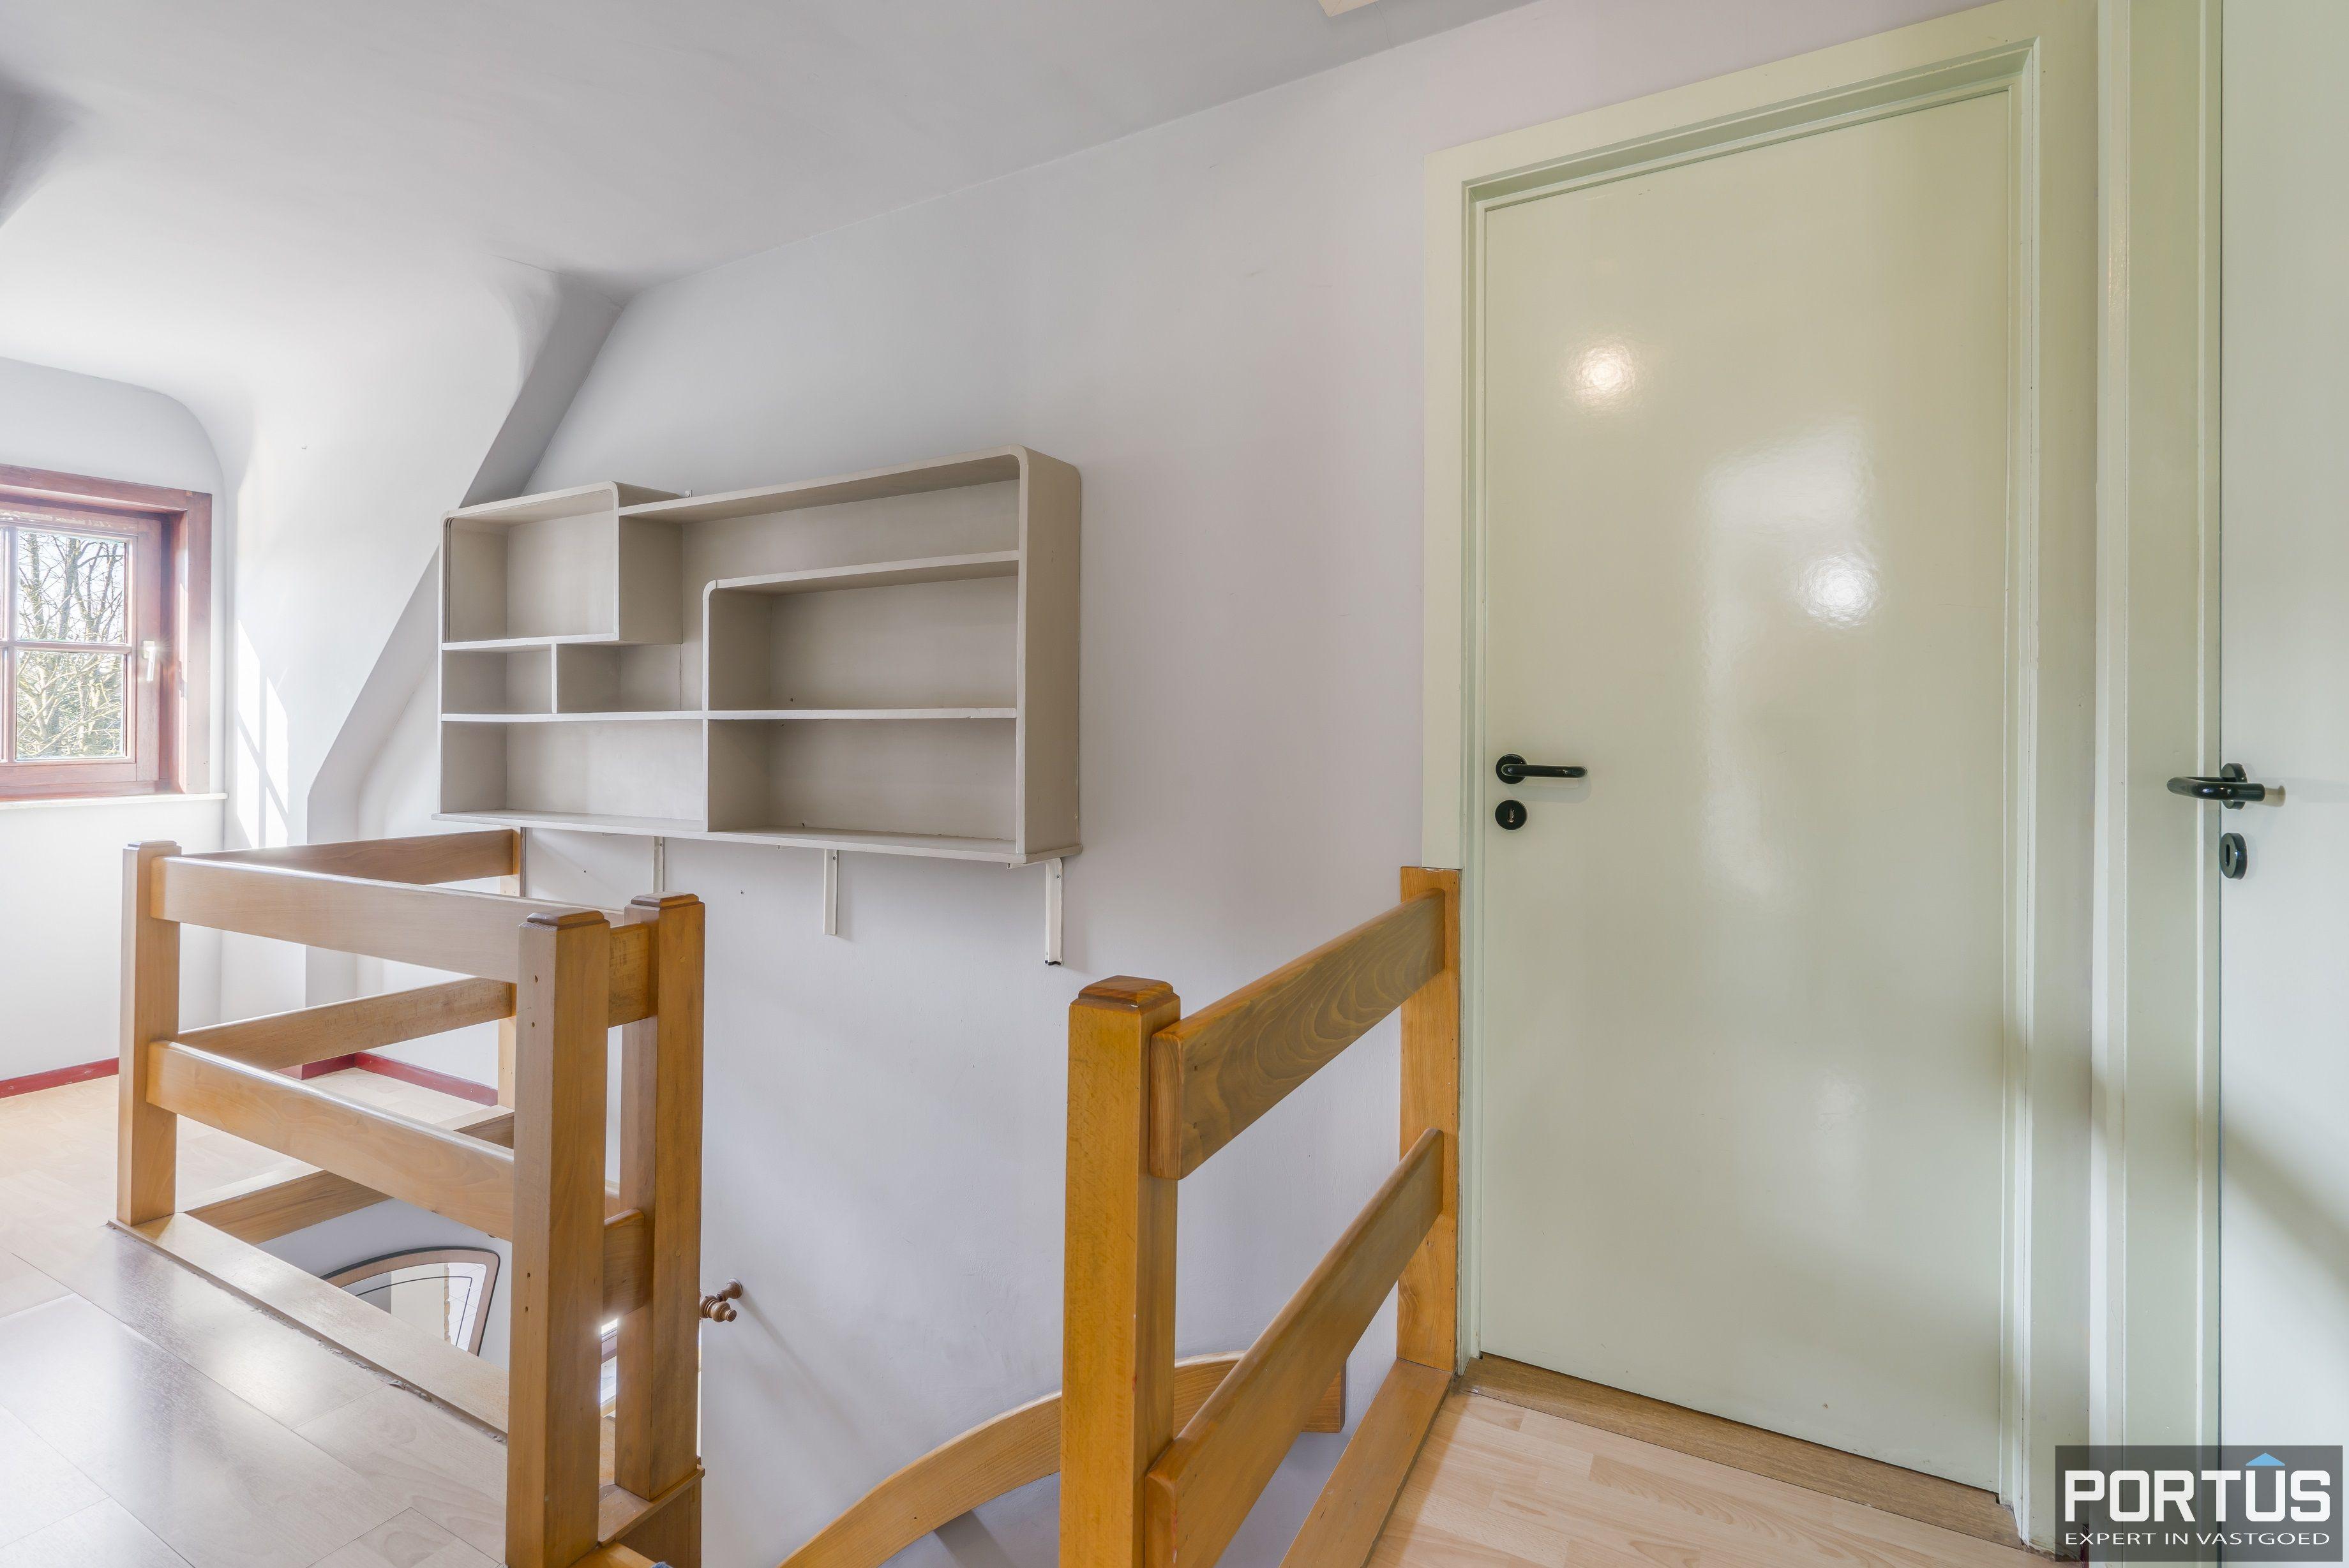 Villa te koop met 3 slaapkamers te Nieuwpoort - 13087